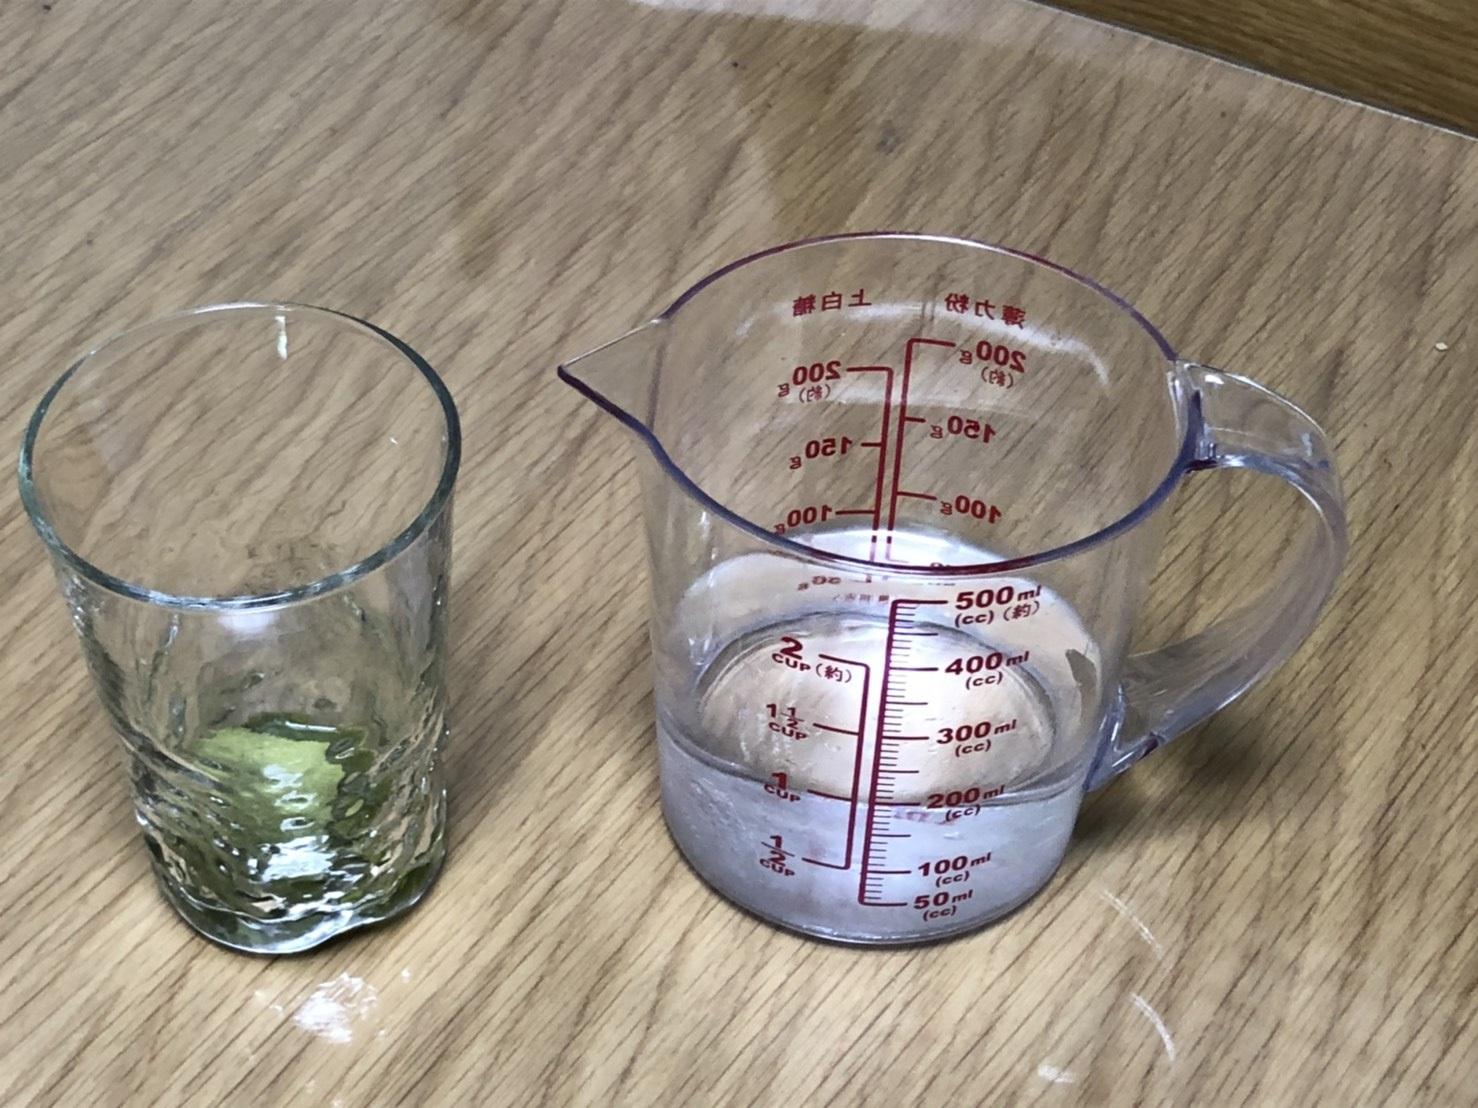 俺の青汁の粉が入ったグラスと溶かすための水